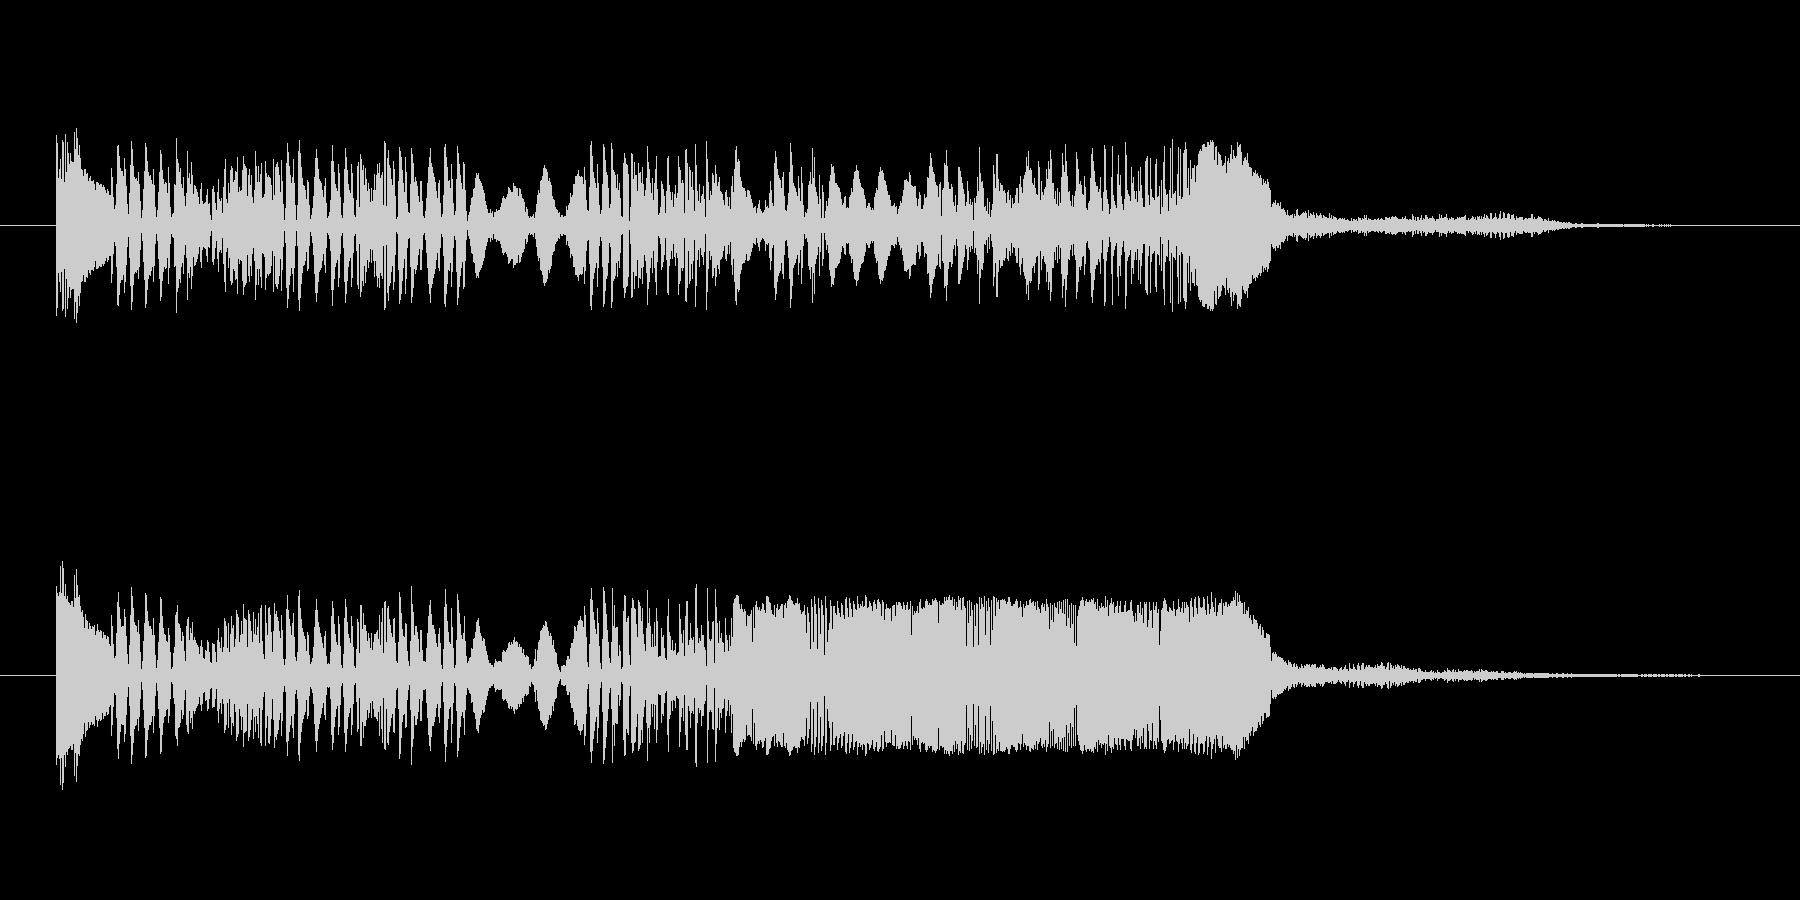 SFちっくなアイキャッチ3の未再生の波形